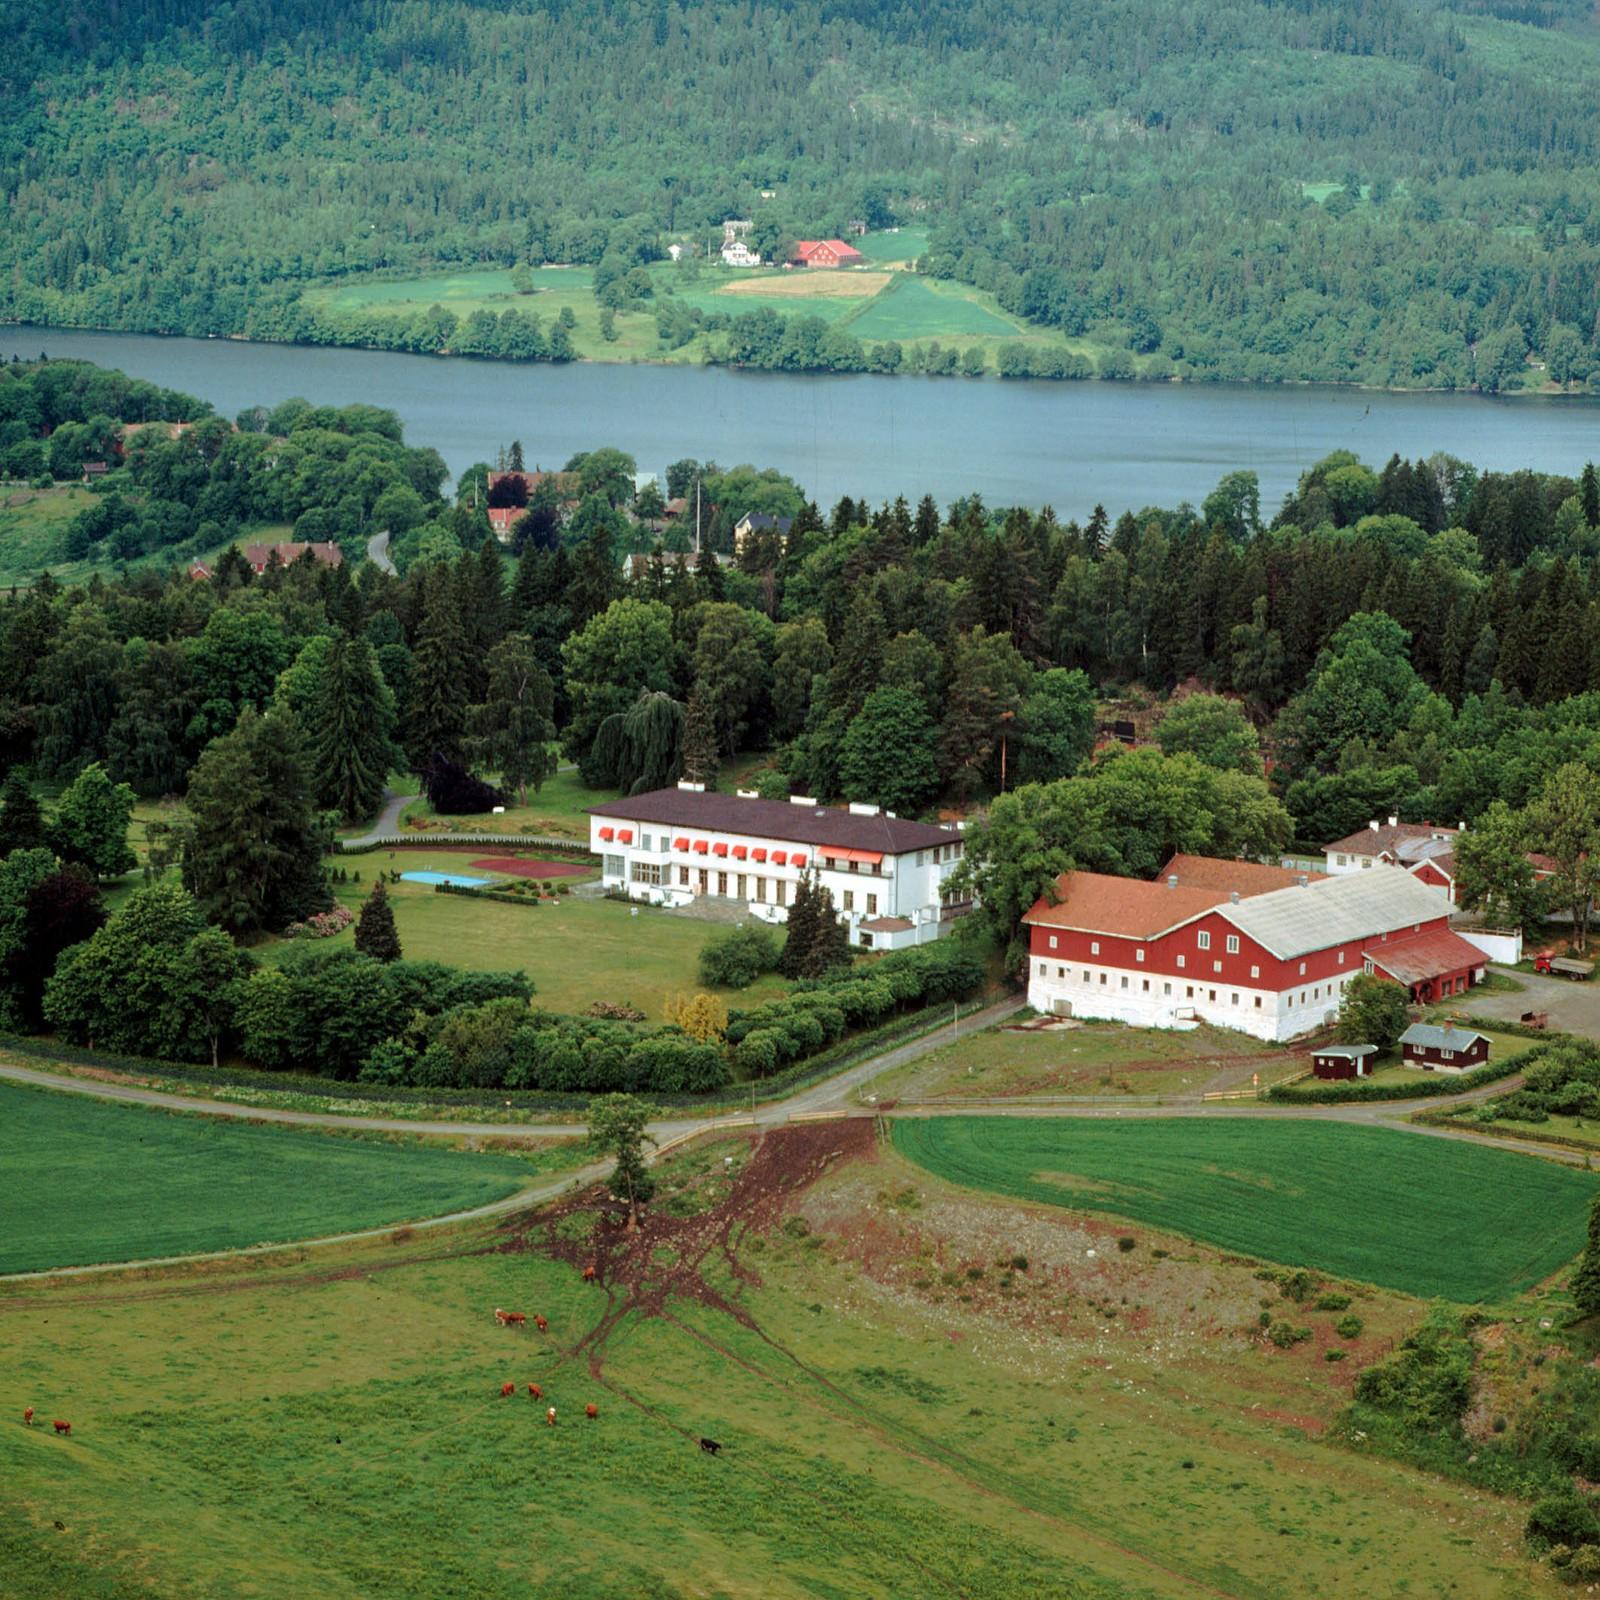 Flyfoto av kronprinsfamiliens bolig, Skaugum gård, i Asker. Semsvannet i bakgrunnen.